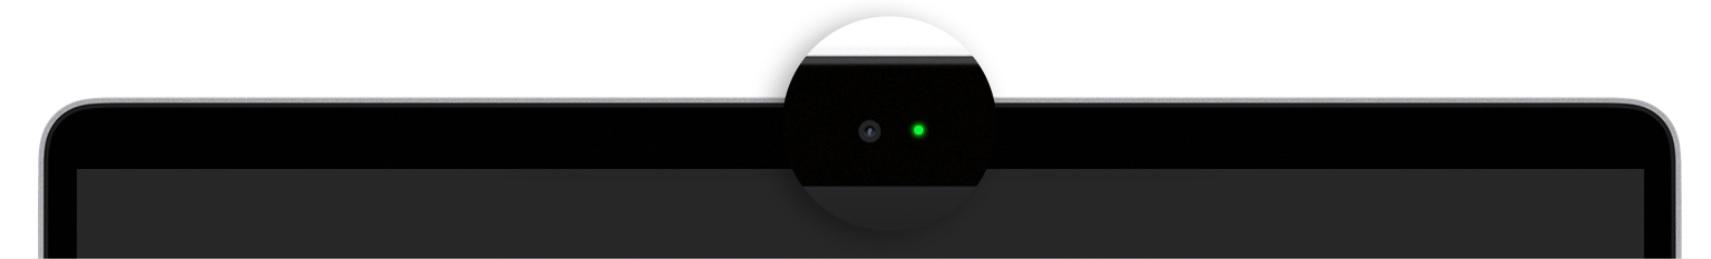 El indicador luminoso se pone de color verde cuando la cámara está activa.